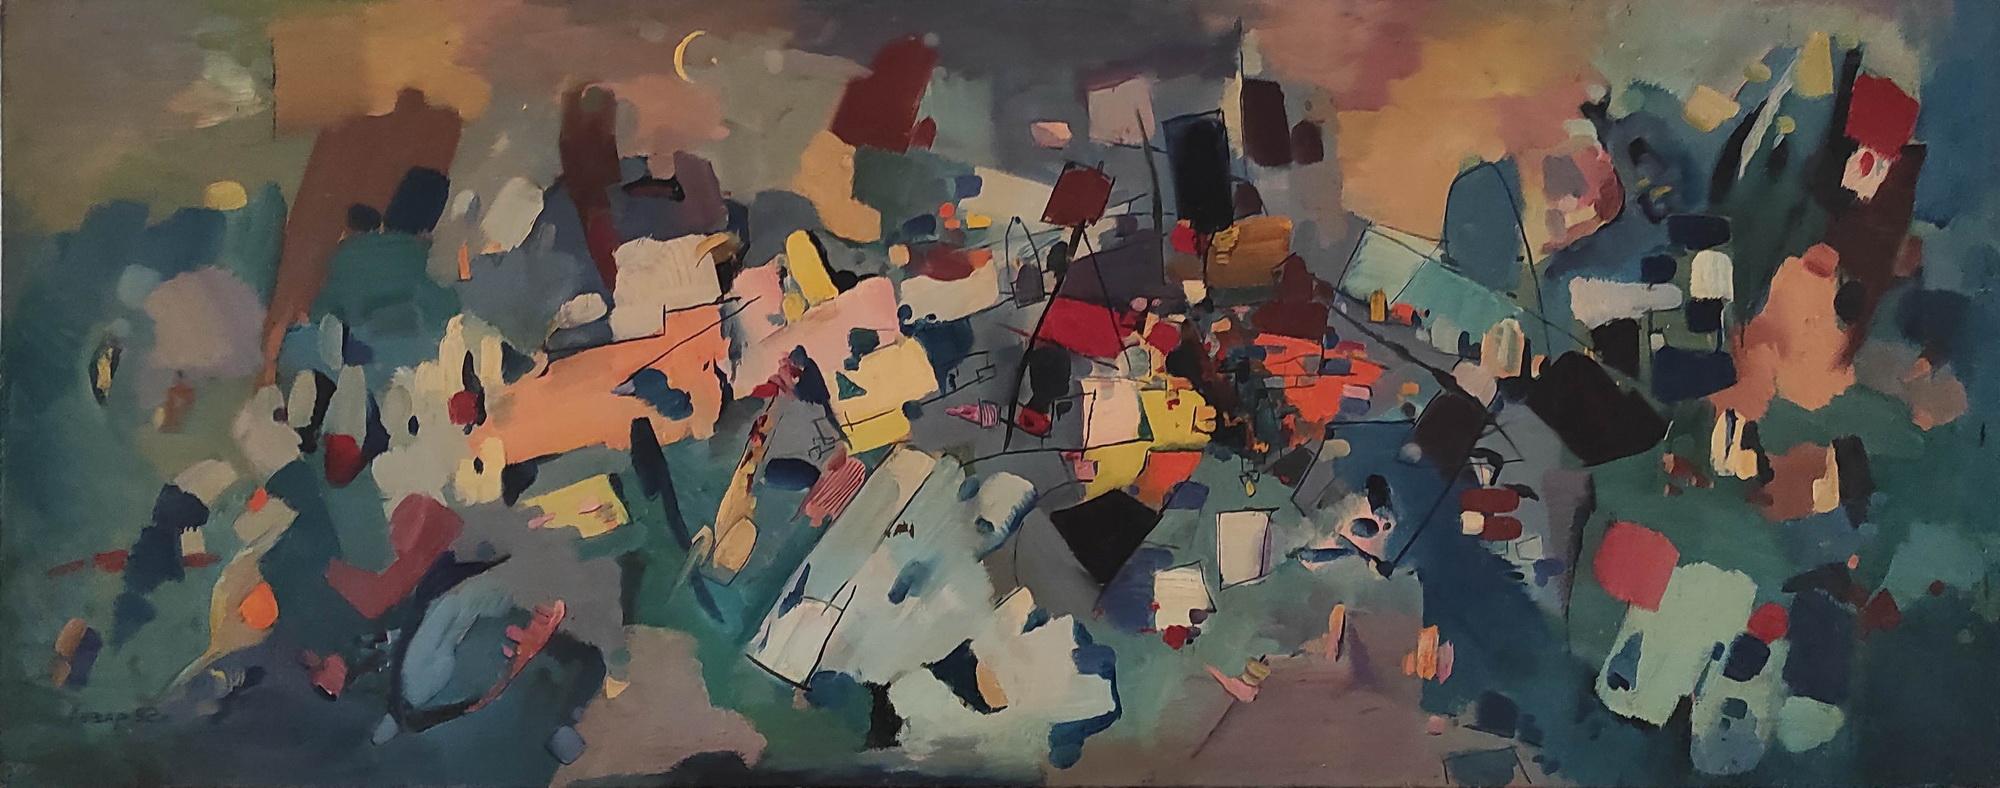 Бахтеев Анвар. Импровизация. 1992